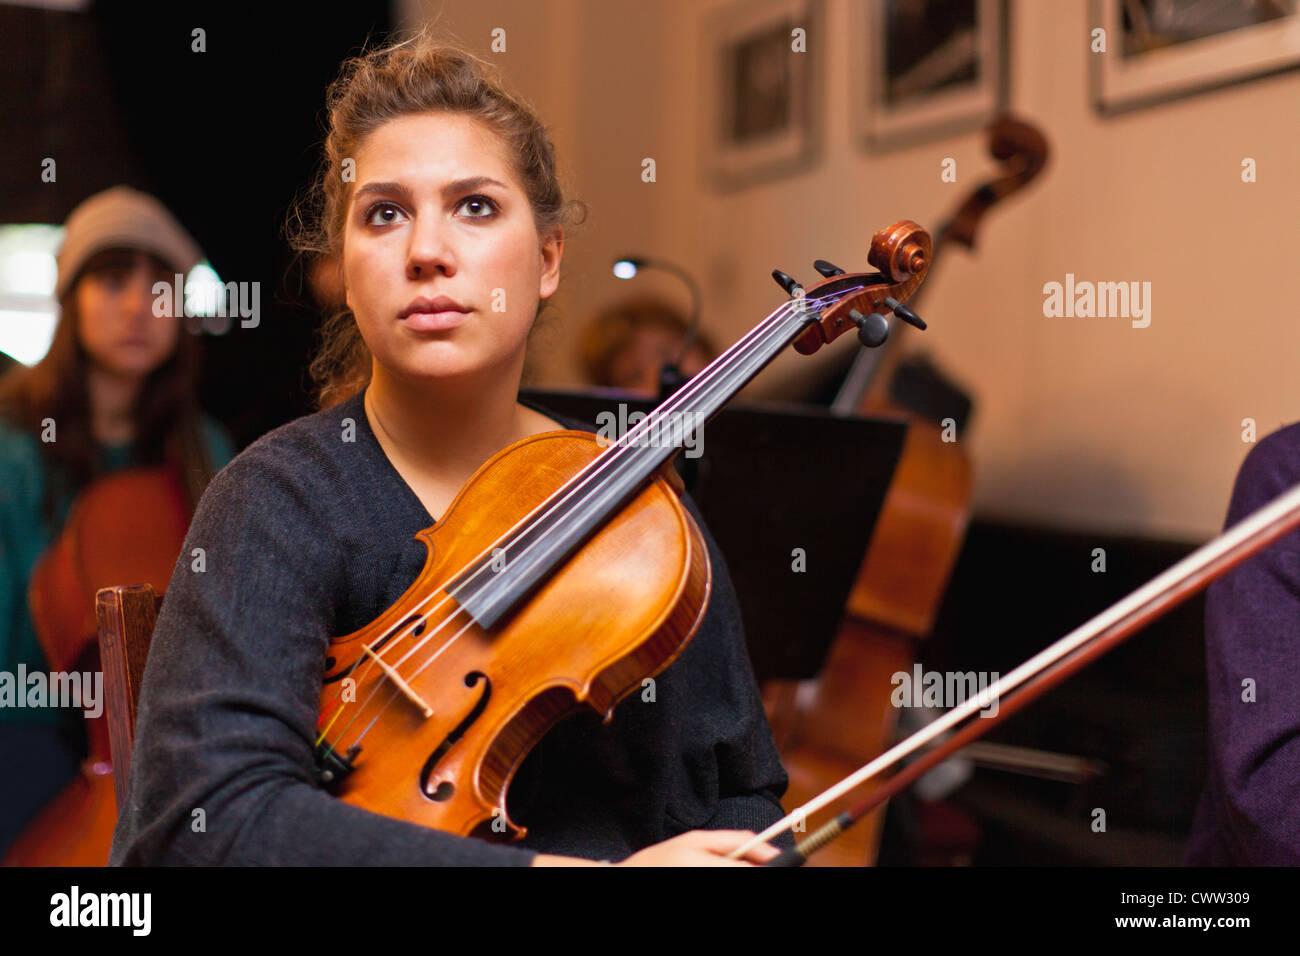 Violino giocatore seduto in pratica Immagini Stock